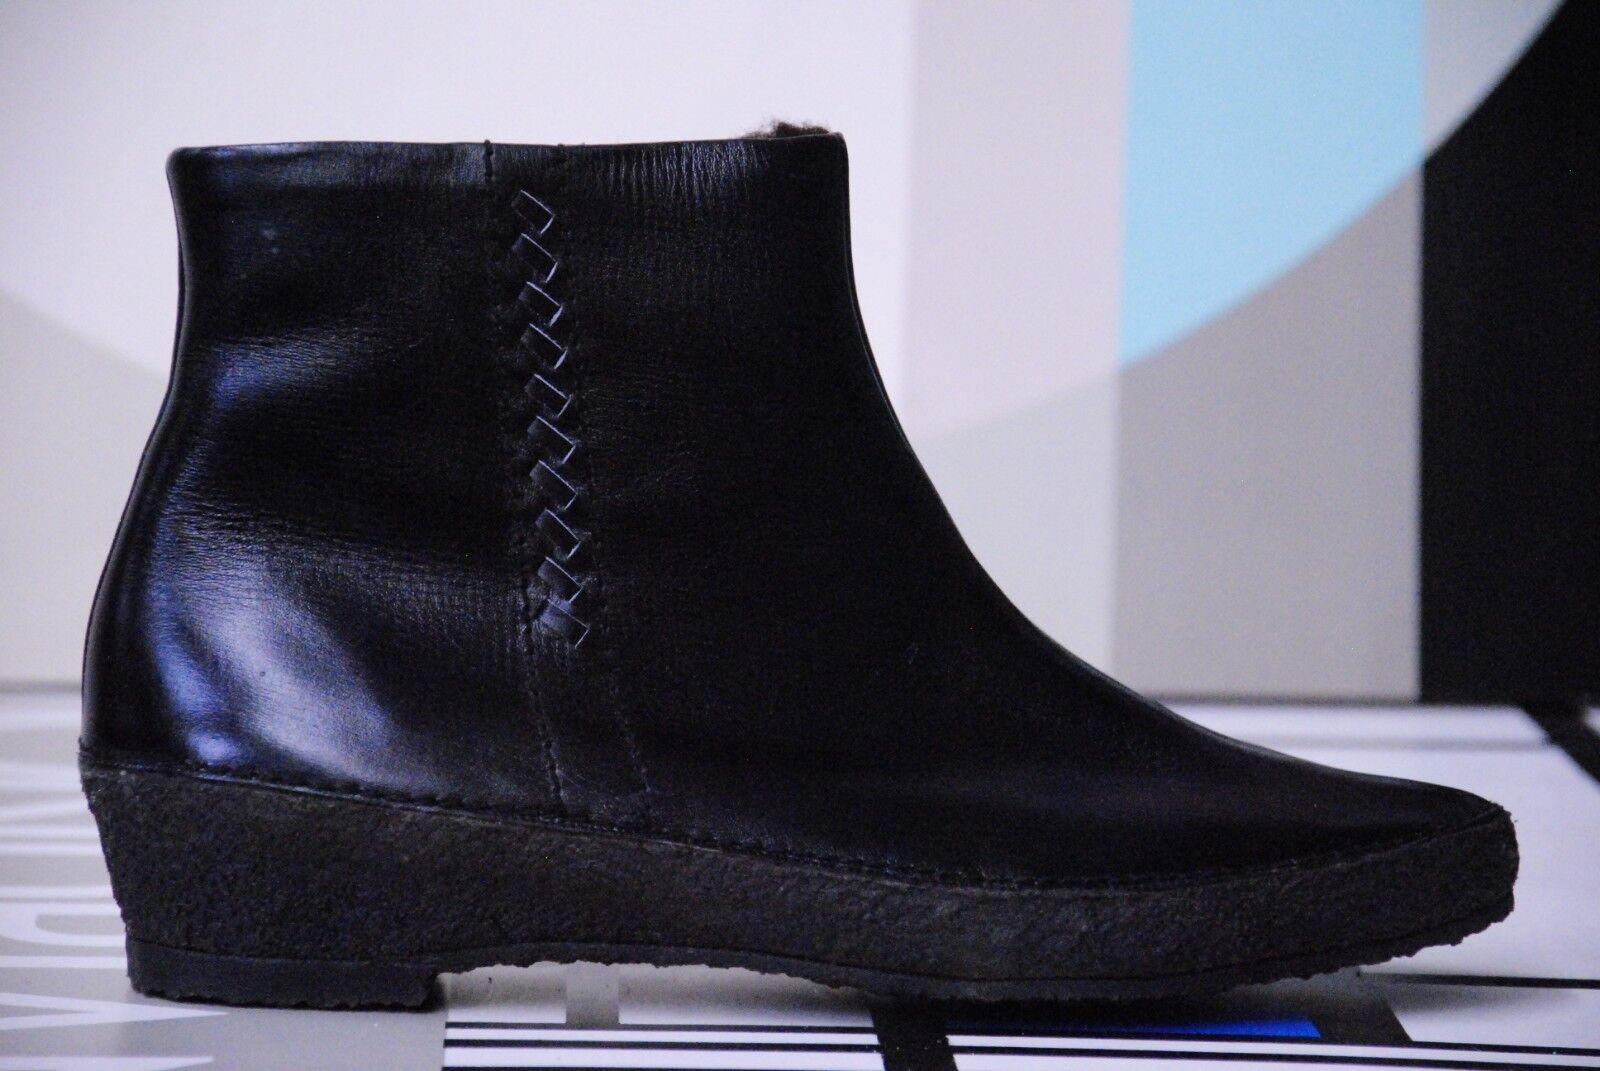 Nos Ruhr negras de piel botines botas 60s True vintage napa botas 41